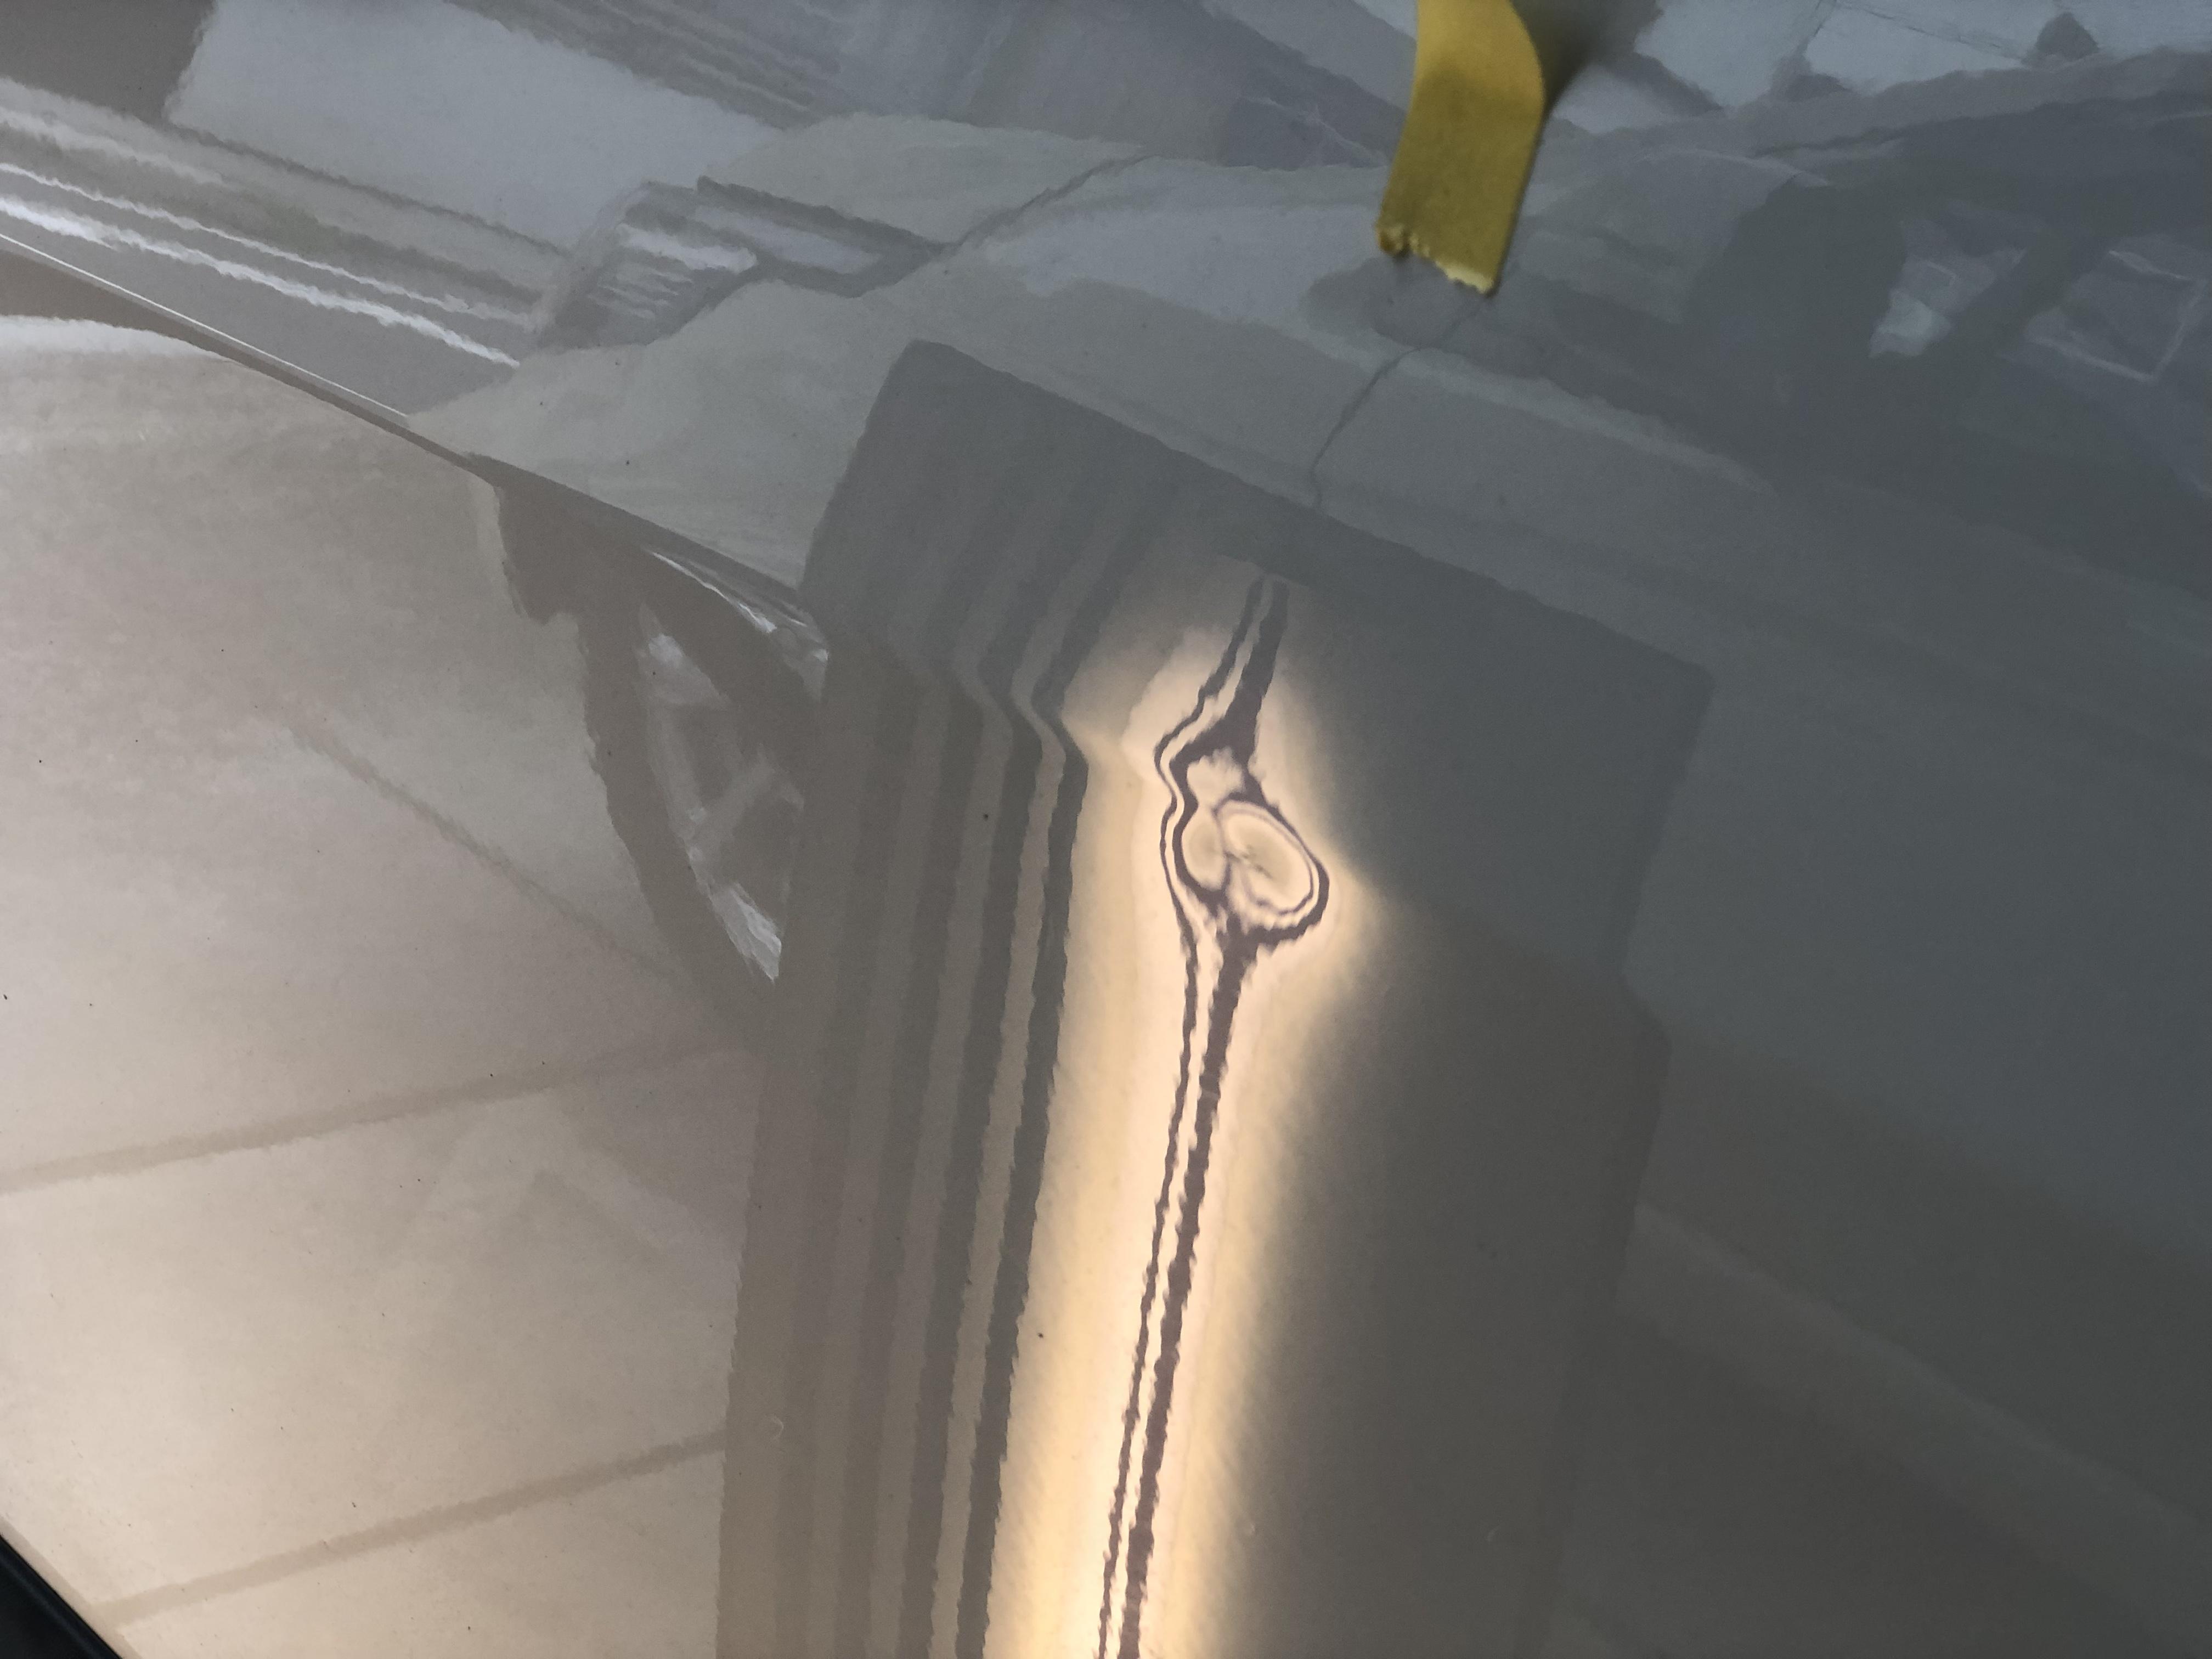 ドア プレスラインの凹み修理